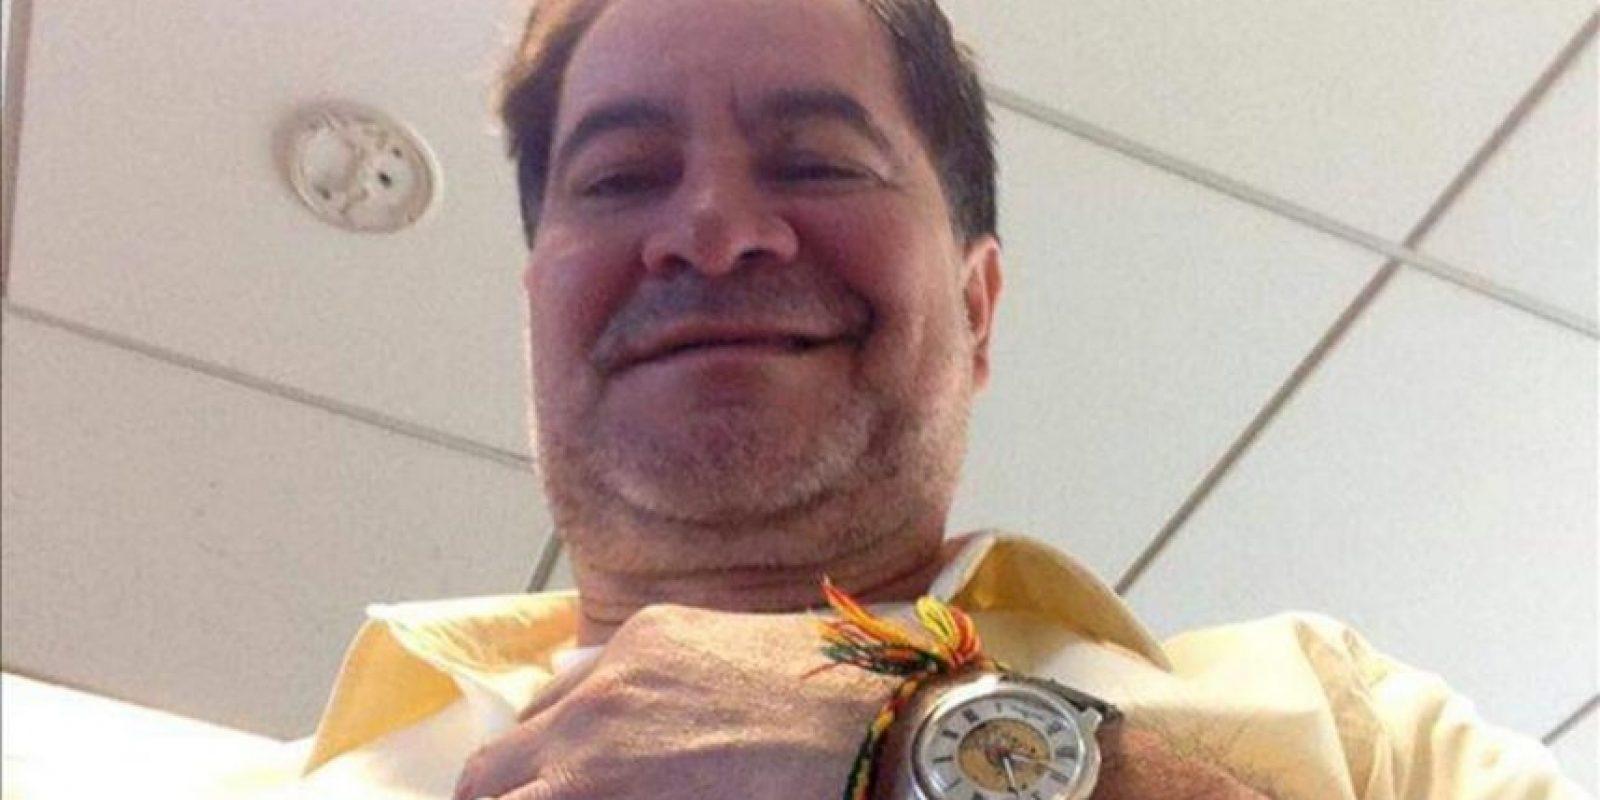 Fotografía cedida por el partido conservador Convergencia Nacional este lunes 26 de agosto de 2013, del senador de esa fuerza política Roger Pinto, minutos antes de abandonar la embajada brasileña en La Paz, donde estuvo refugiado 454 días hasta el pasado viernes. EFE